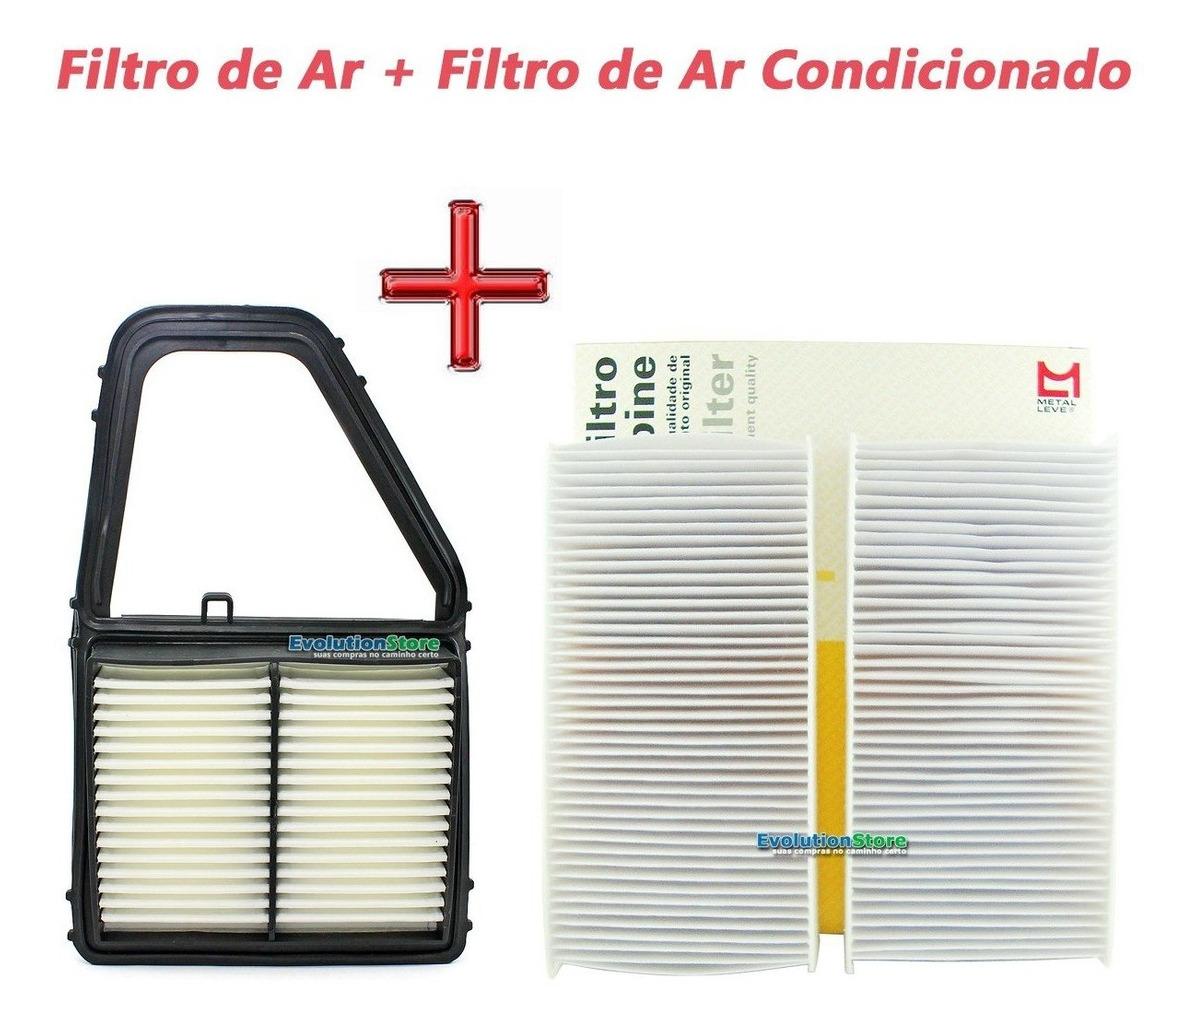 Filtro De Cabine Ar Condicionado + Filtro Ar Motor Honda Civic 1.7 16v 2001 2002 2003 2004 2005  - EvolutionStore - Peças e Acessórios Automotivos